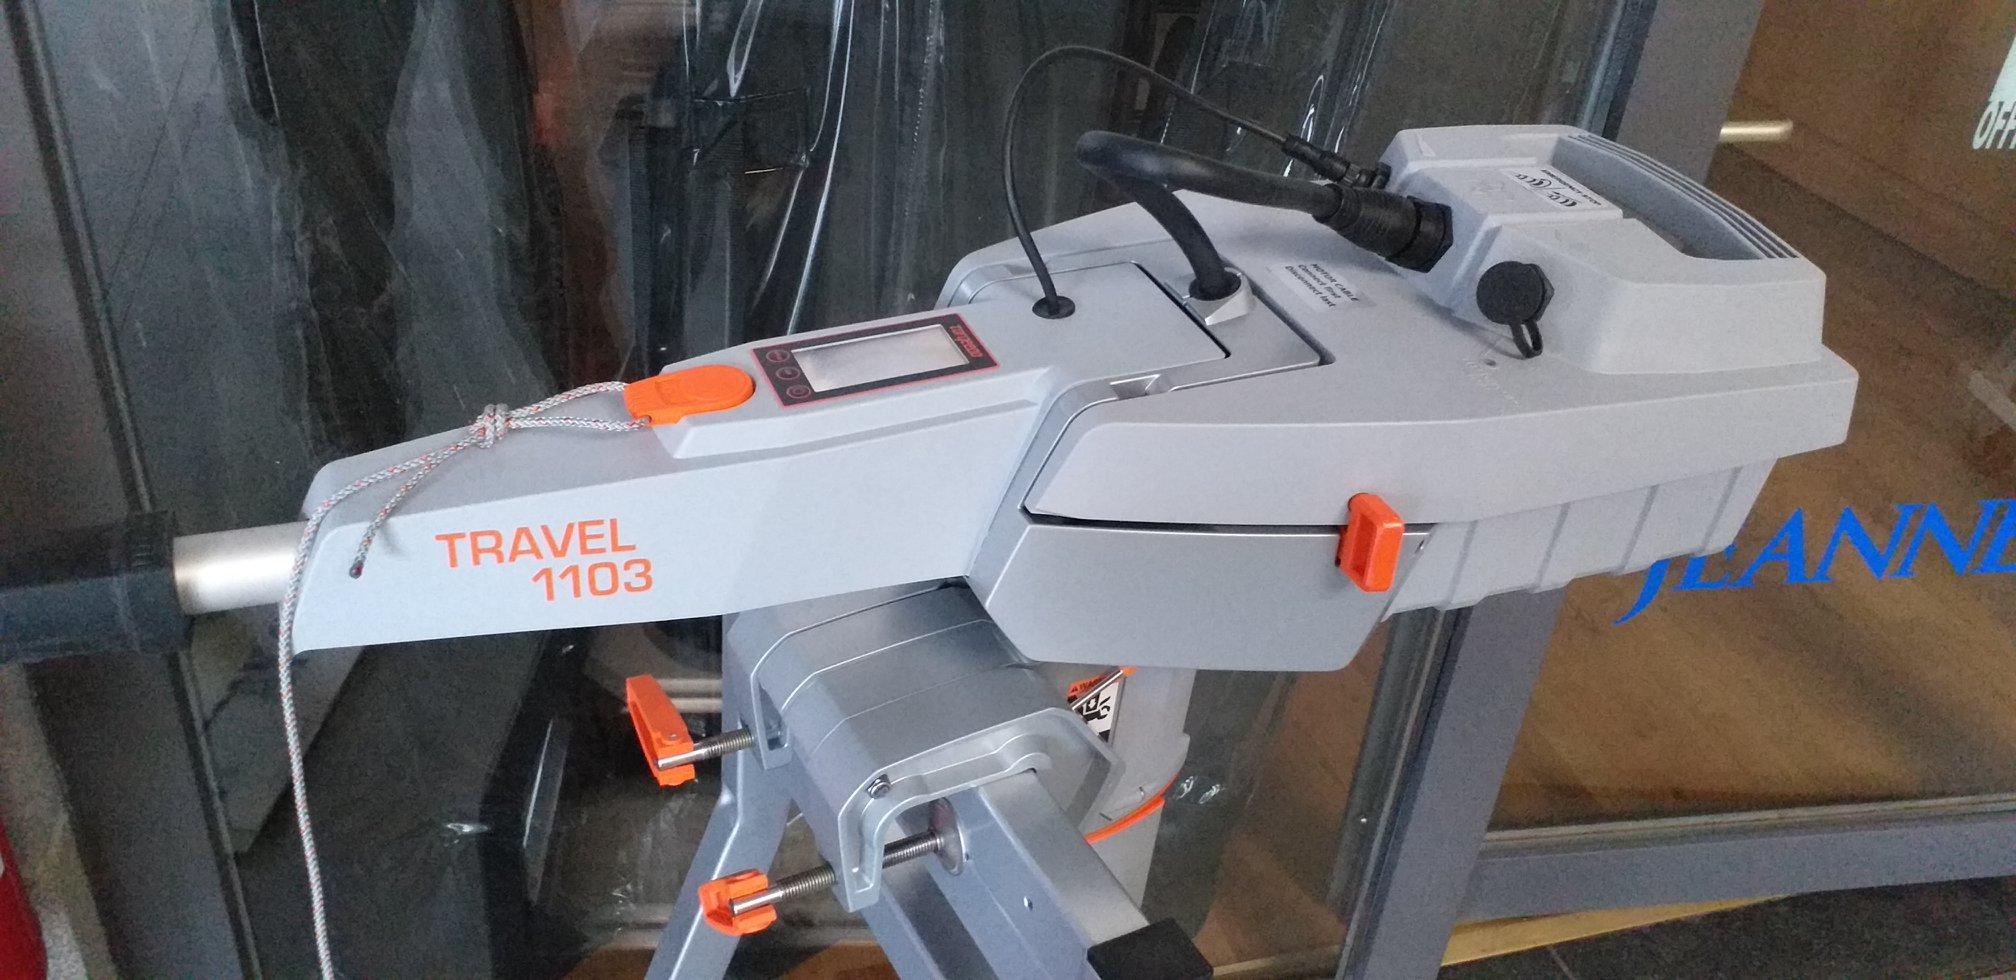 Travel 1103 CS GLOBAL ZOOMED